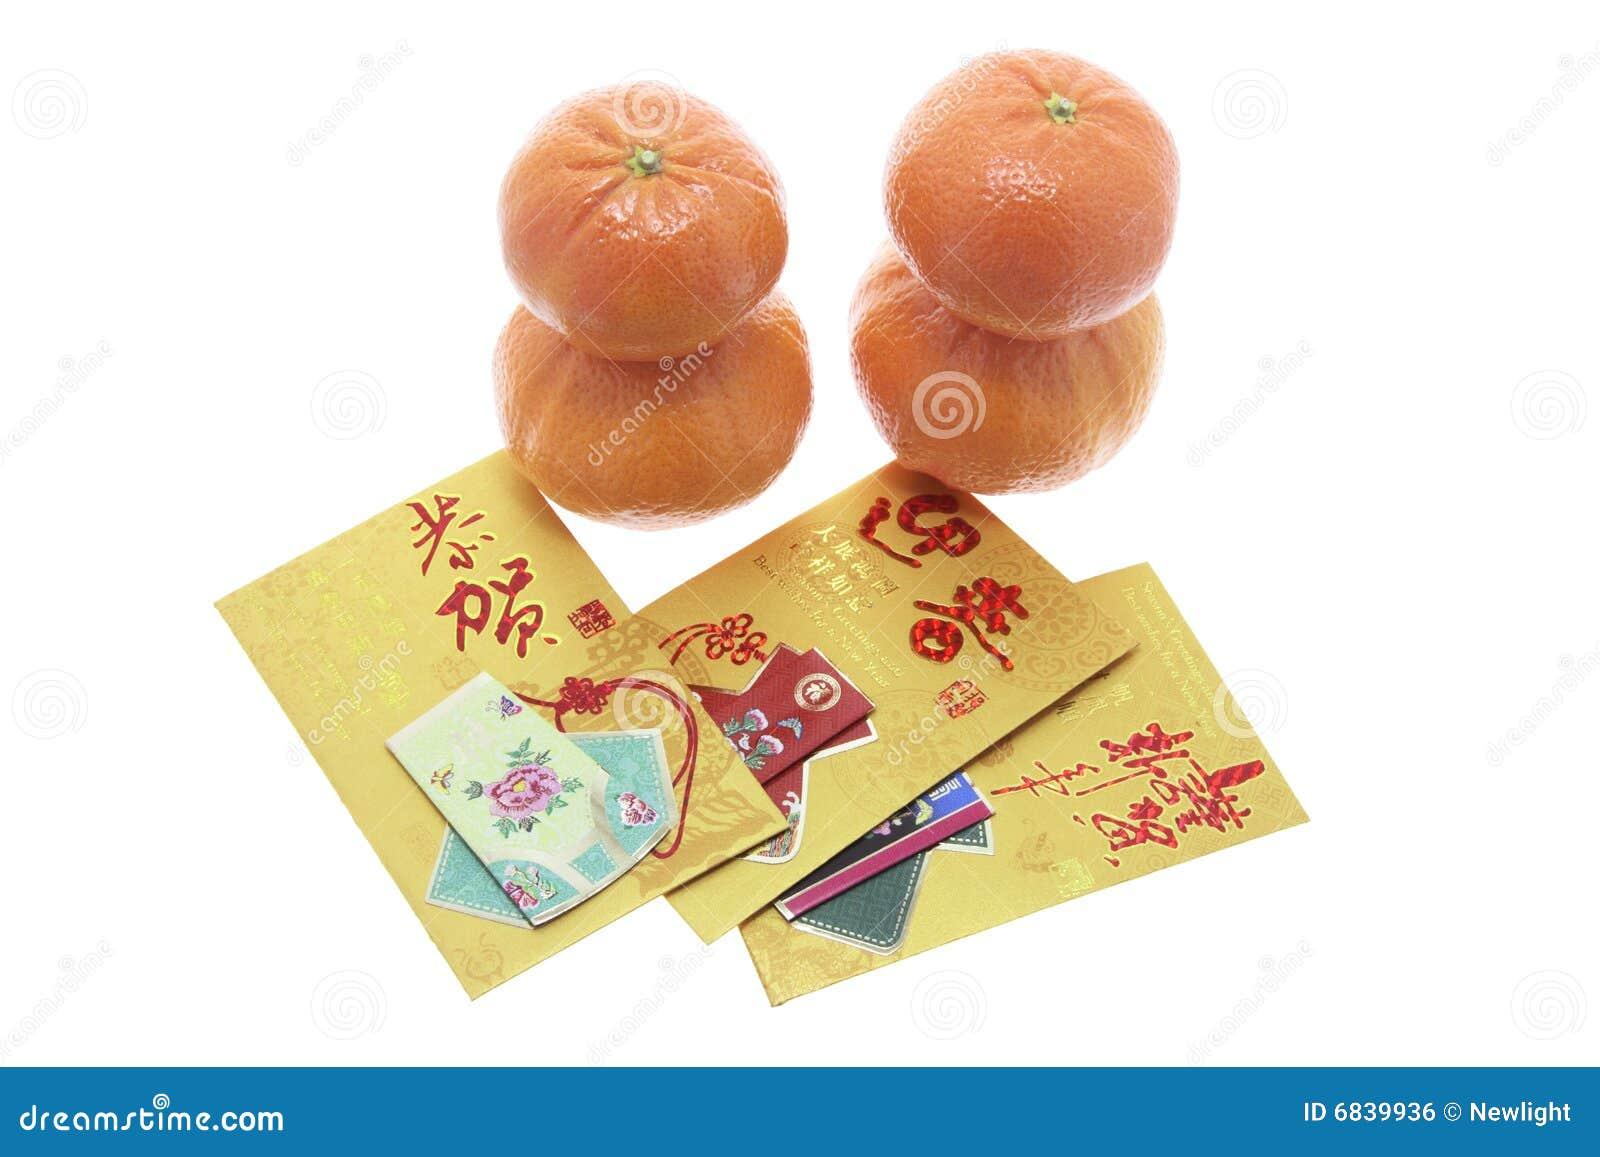 中国新产品年